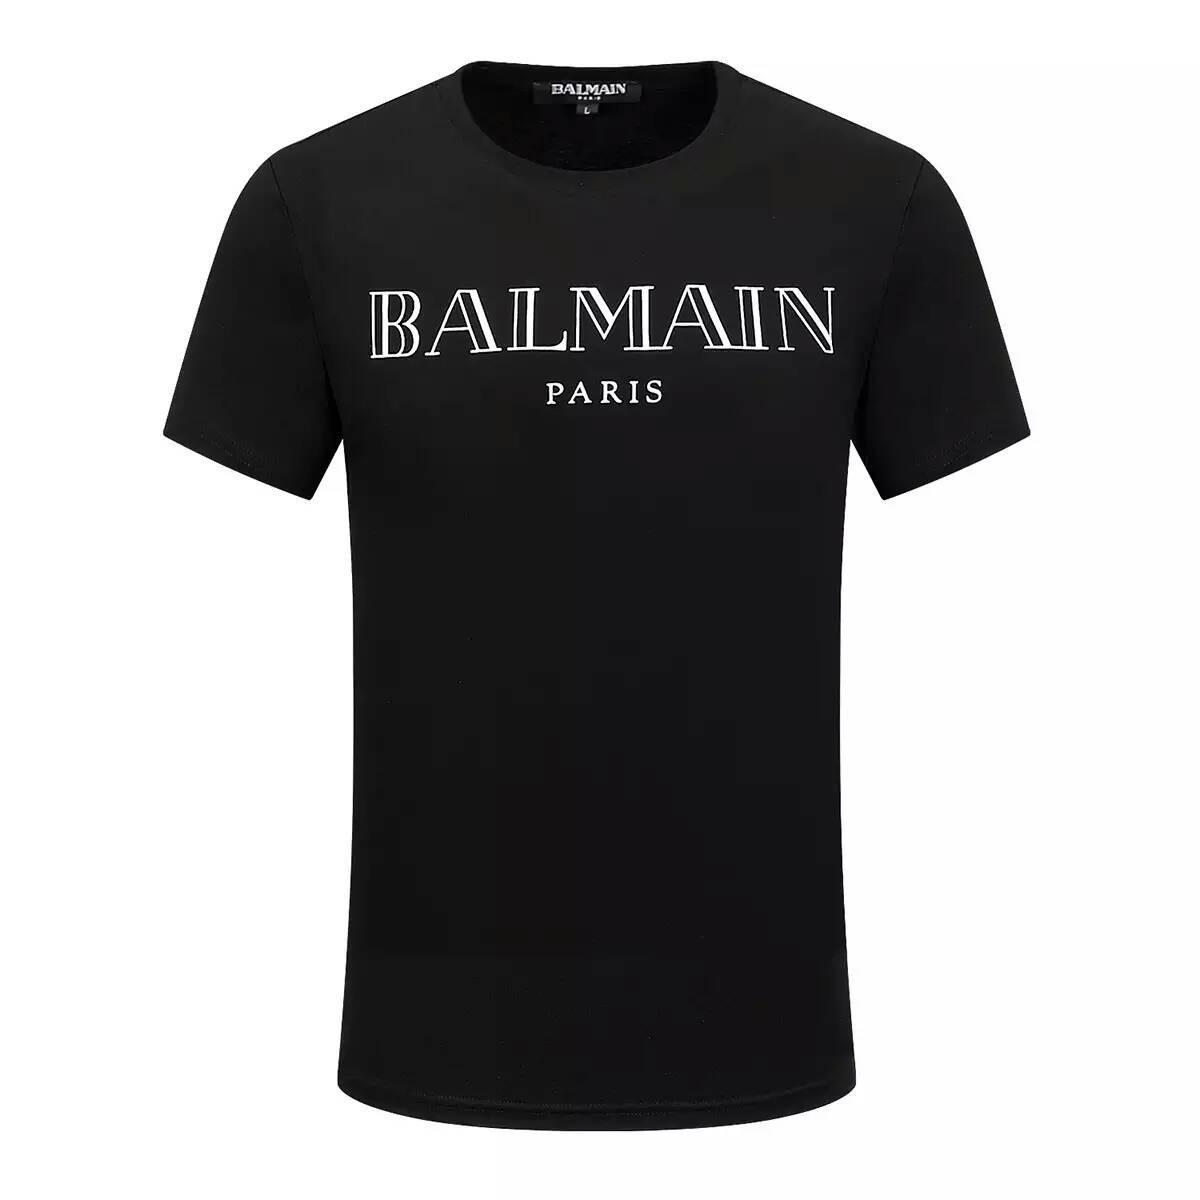 Hott summer tee men 39 s new t shirt balmain paris collor for Start an online t shirt business at zero cost